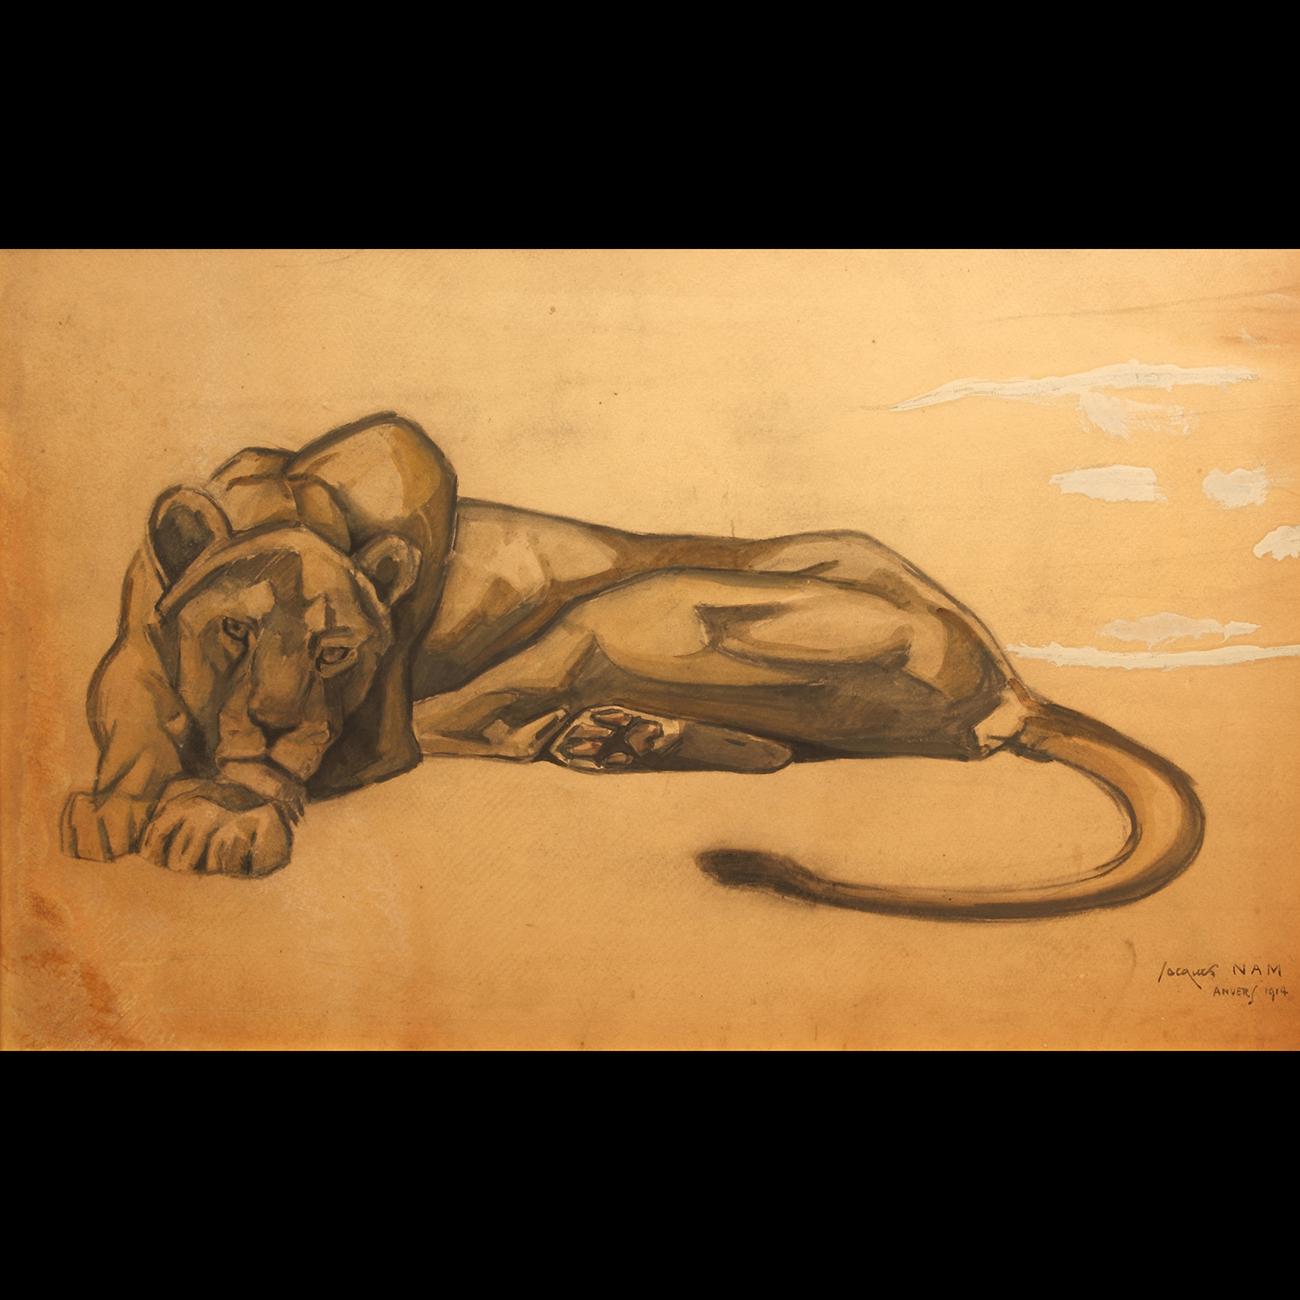 Jacques LEHMAN dit NAM «Lionne couchée»